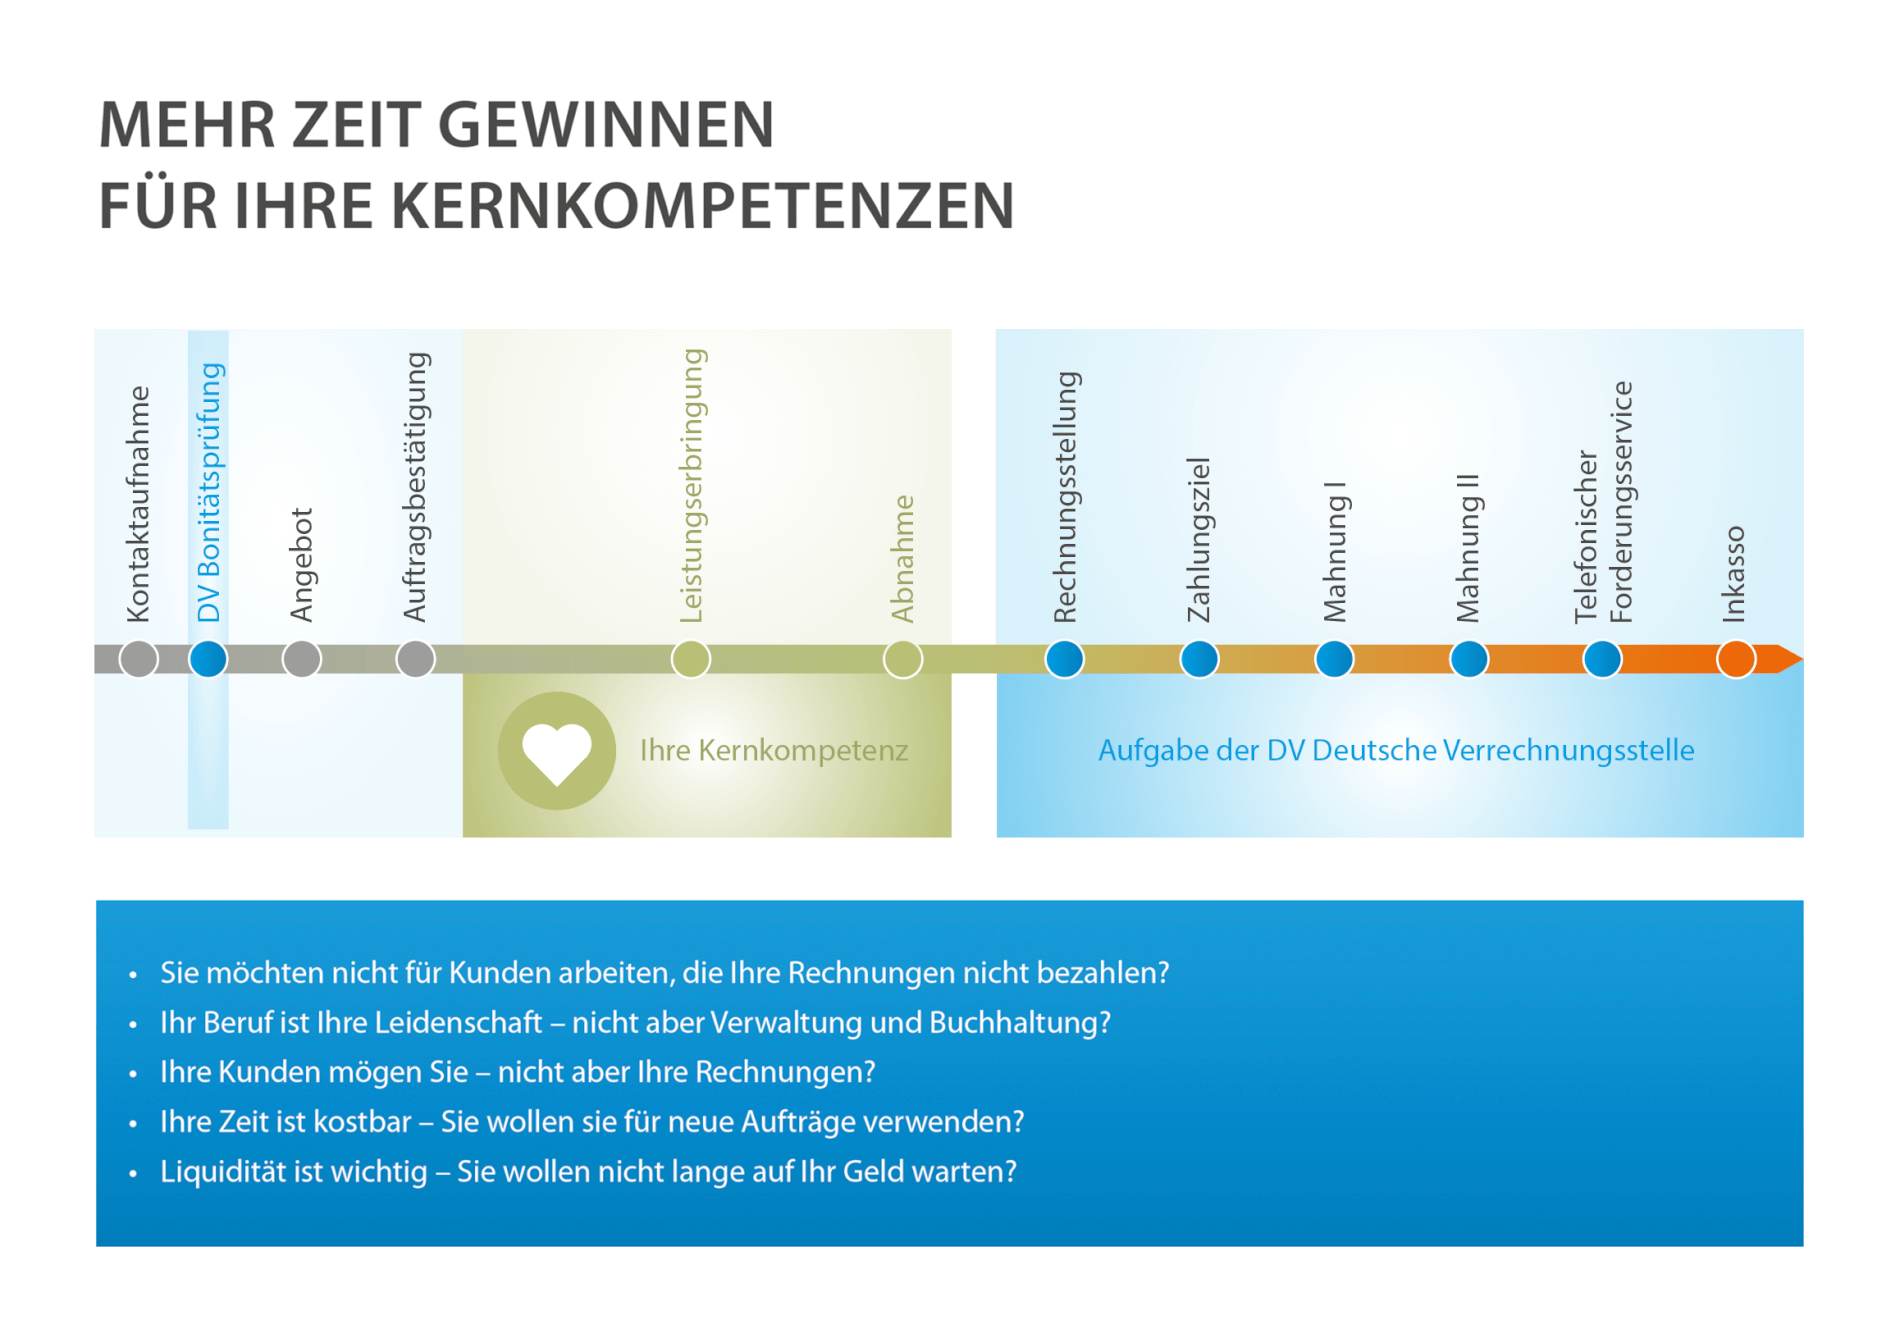 Zeit gewinnen fuer mehr Kernkompetenz - Aufgabe der Deutschen Verrechnungsstelle